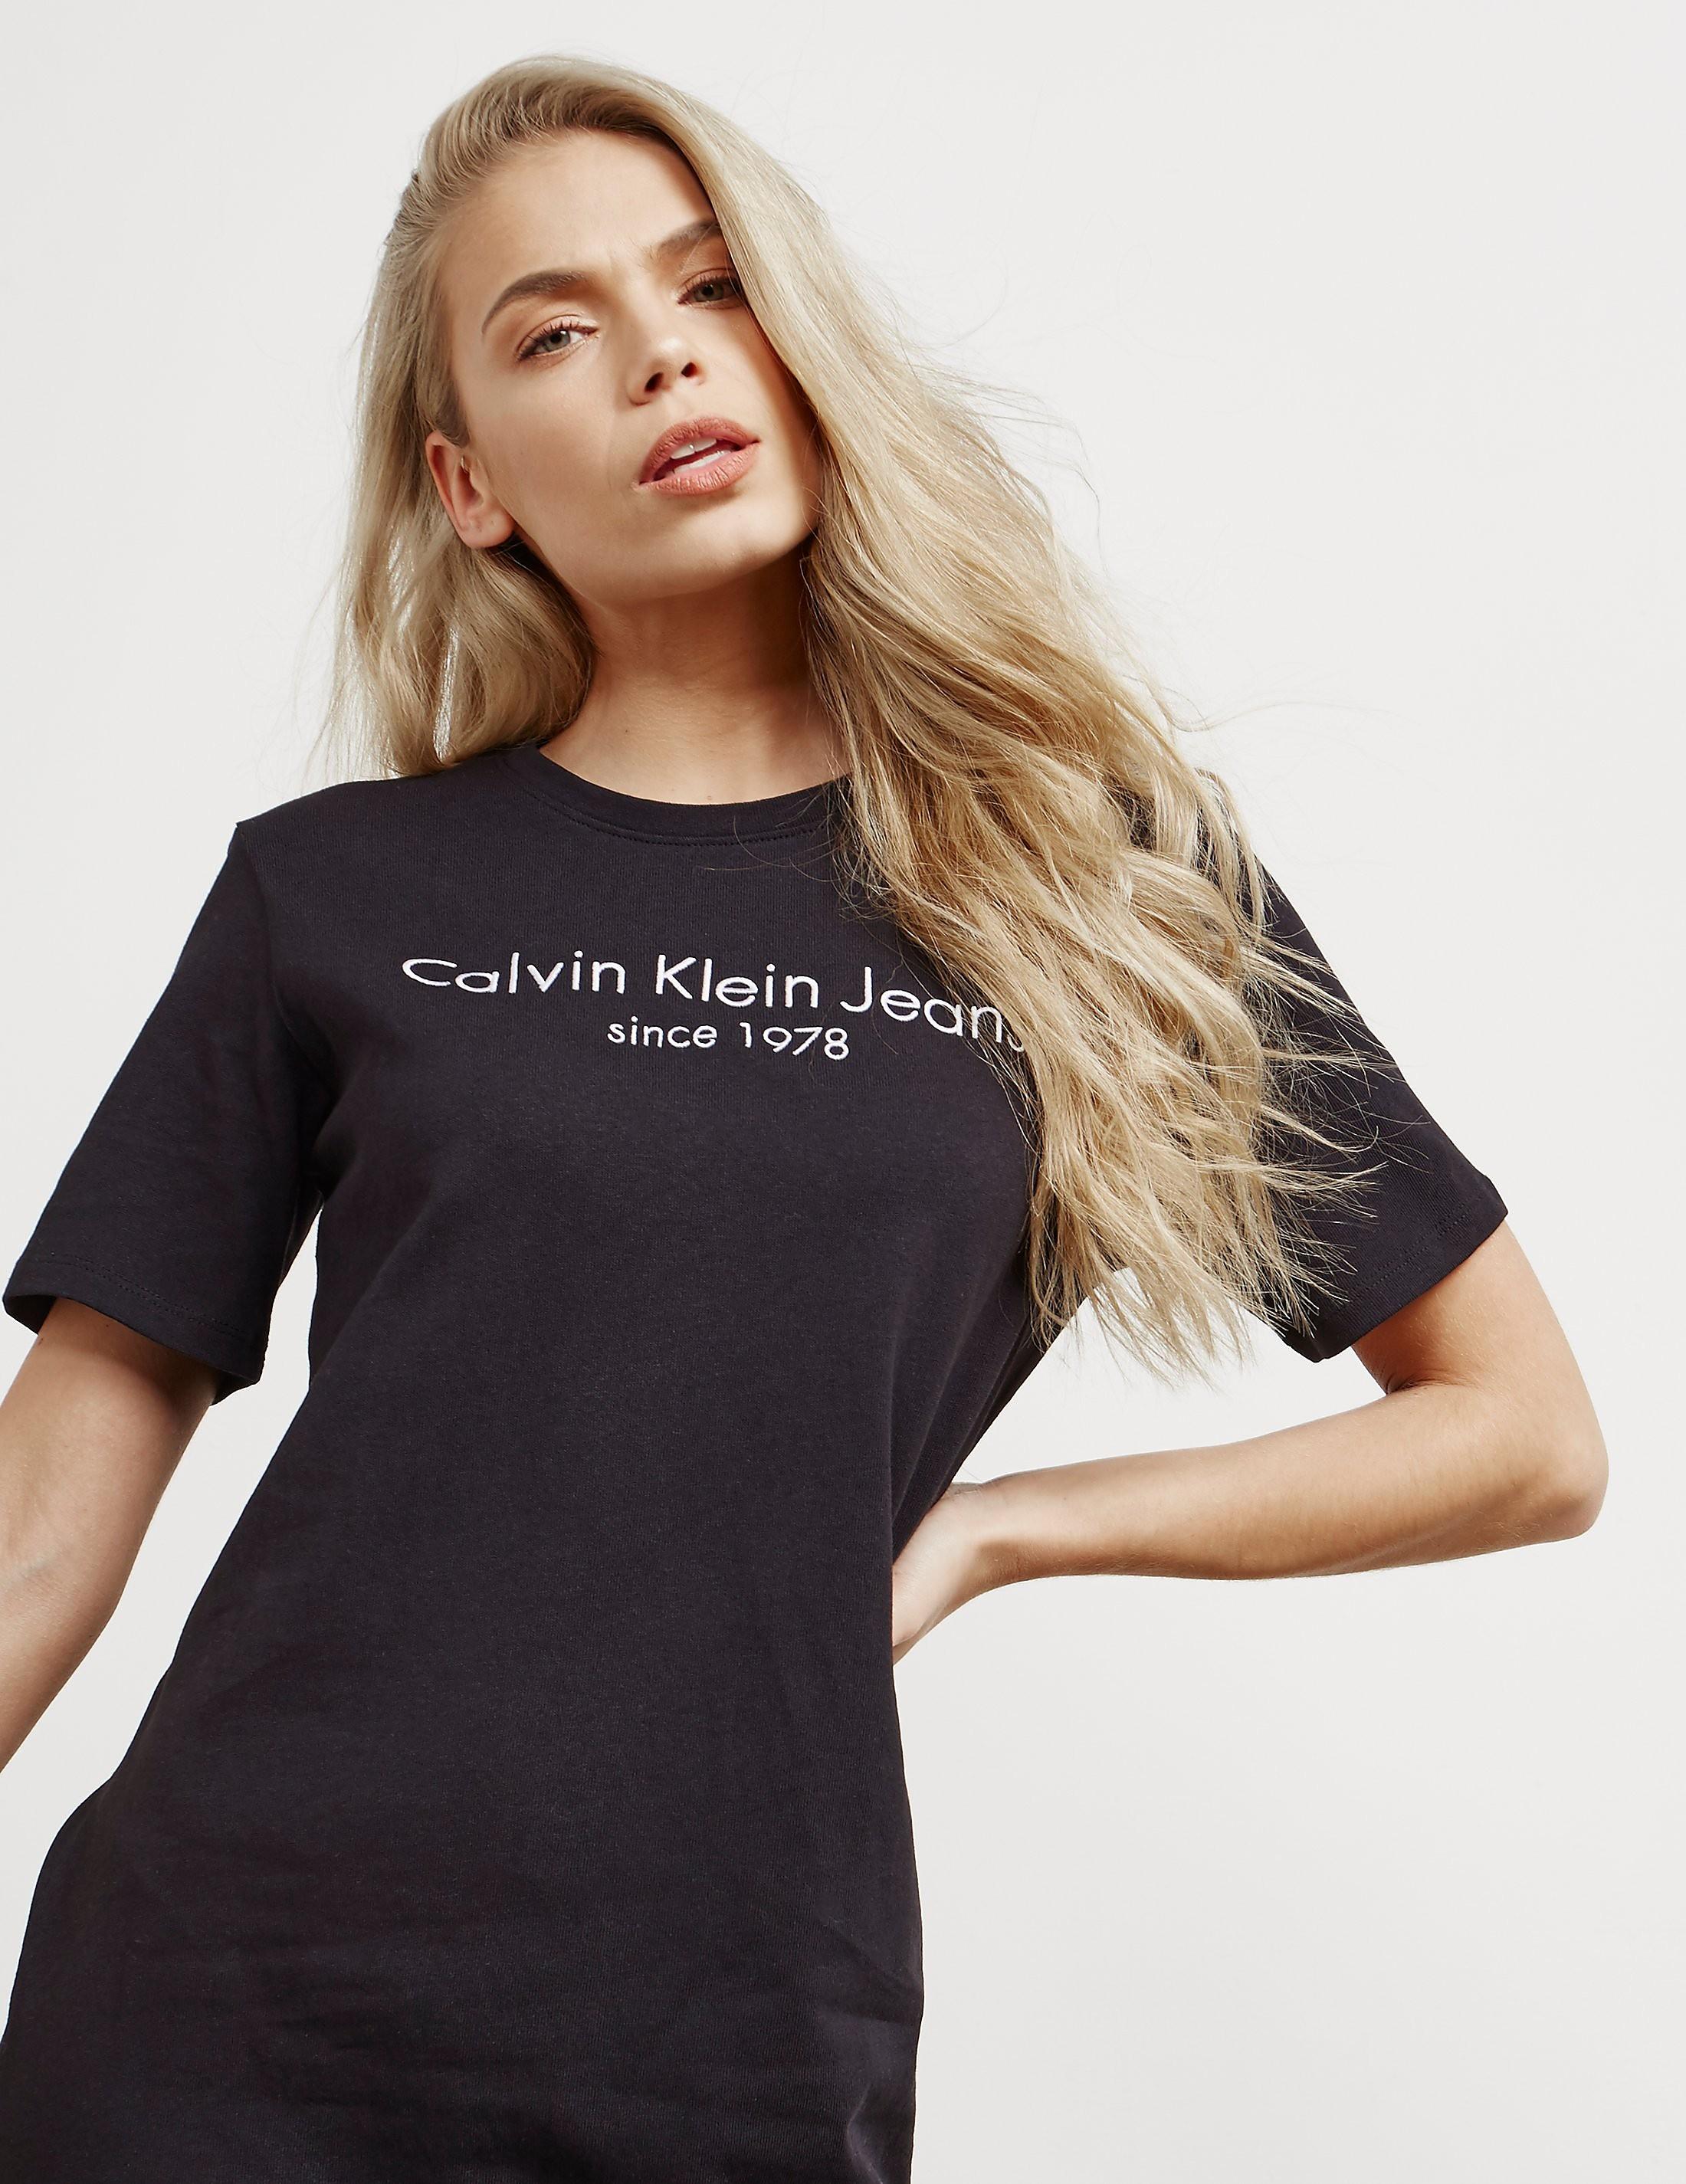 Calvin Klein Doon 2 Dress - Online Exclusive